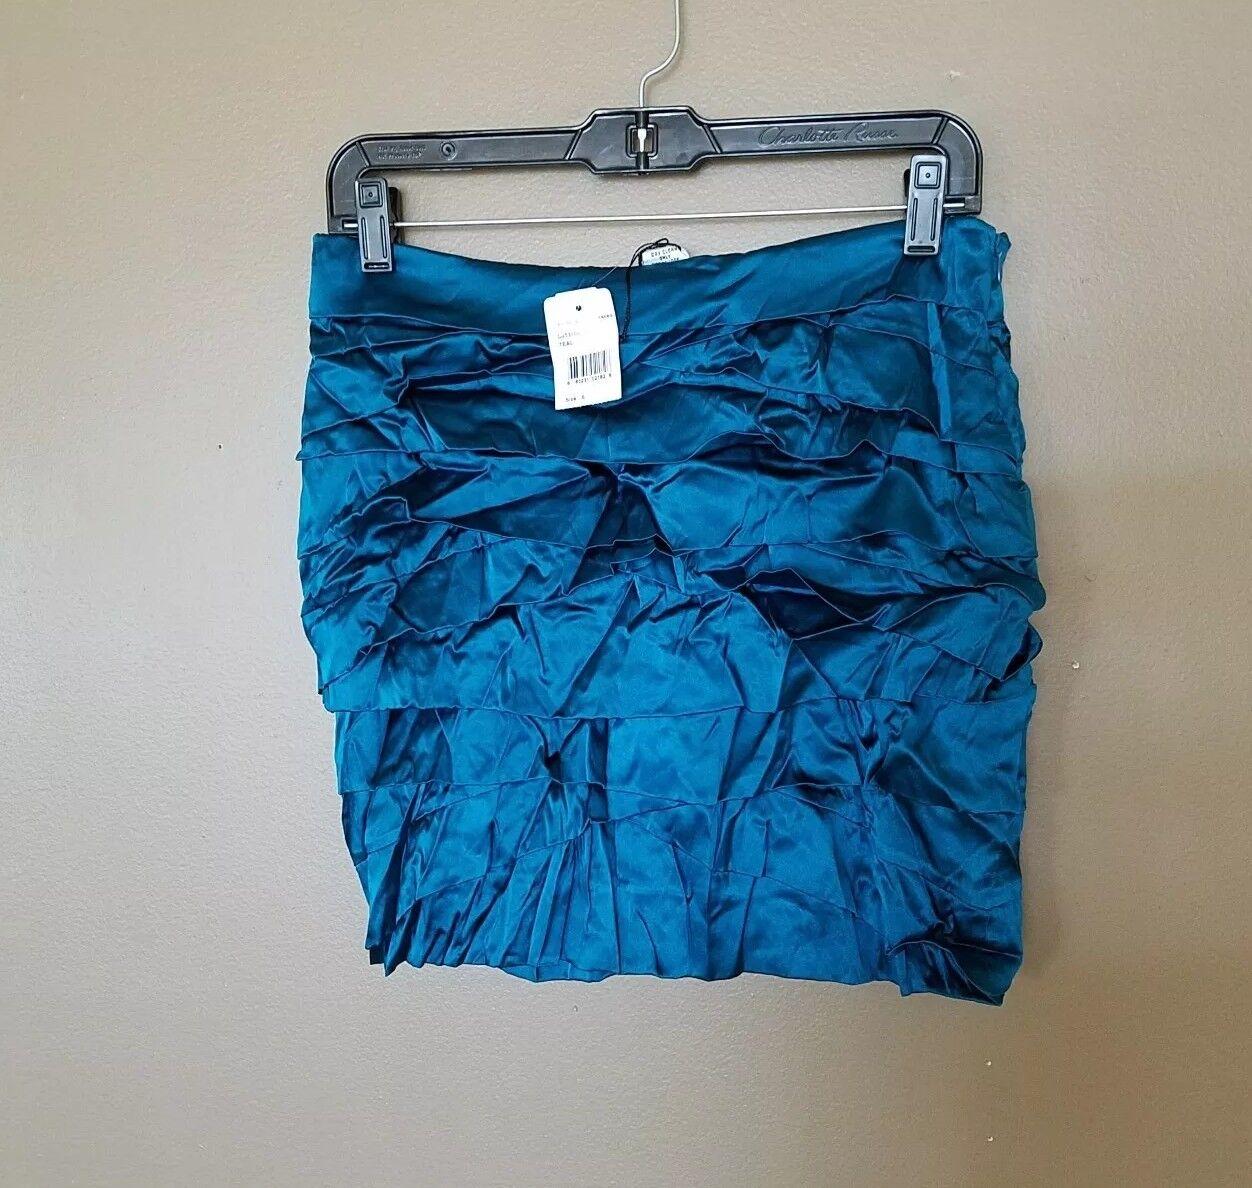 NWT DIANE VON FURSTENBERG Womens Tiered Stretch 100% SILK Skirt size 6 Medium